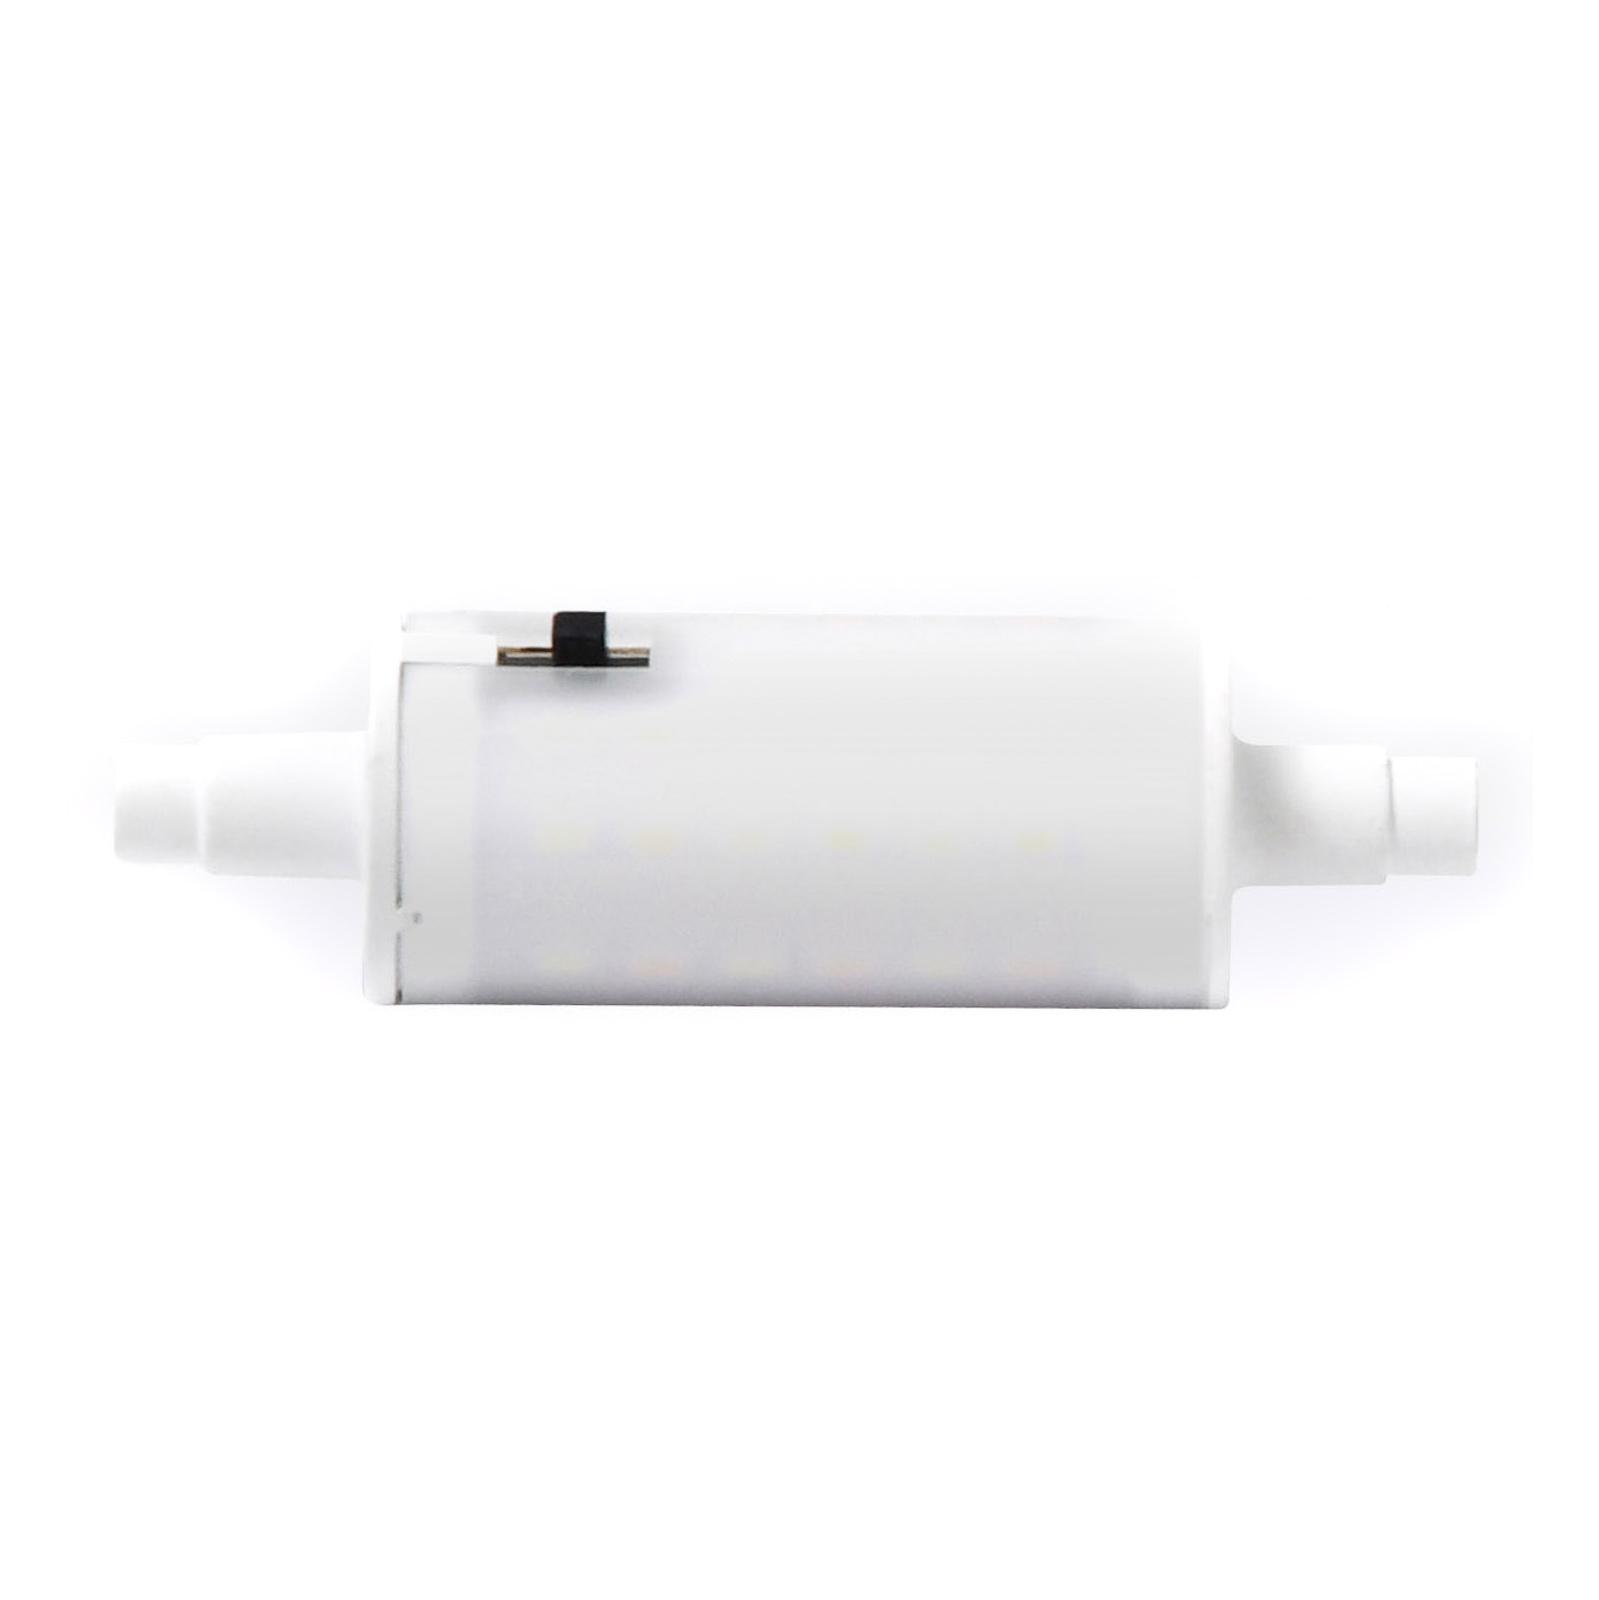 LED bulb R7s 3.2 W, length 7.8 cm, 400 lm, CCT_3538233_1